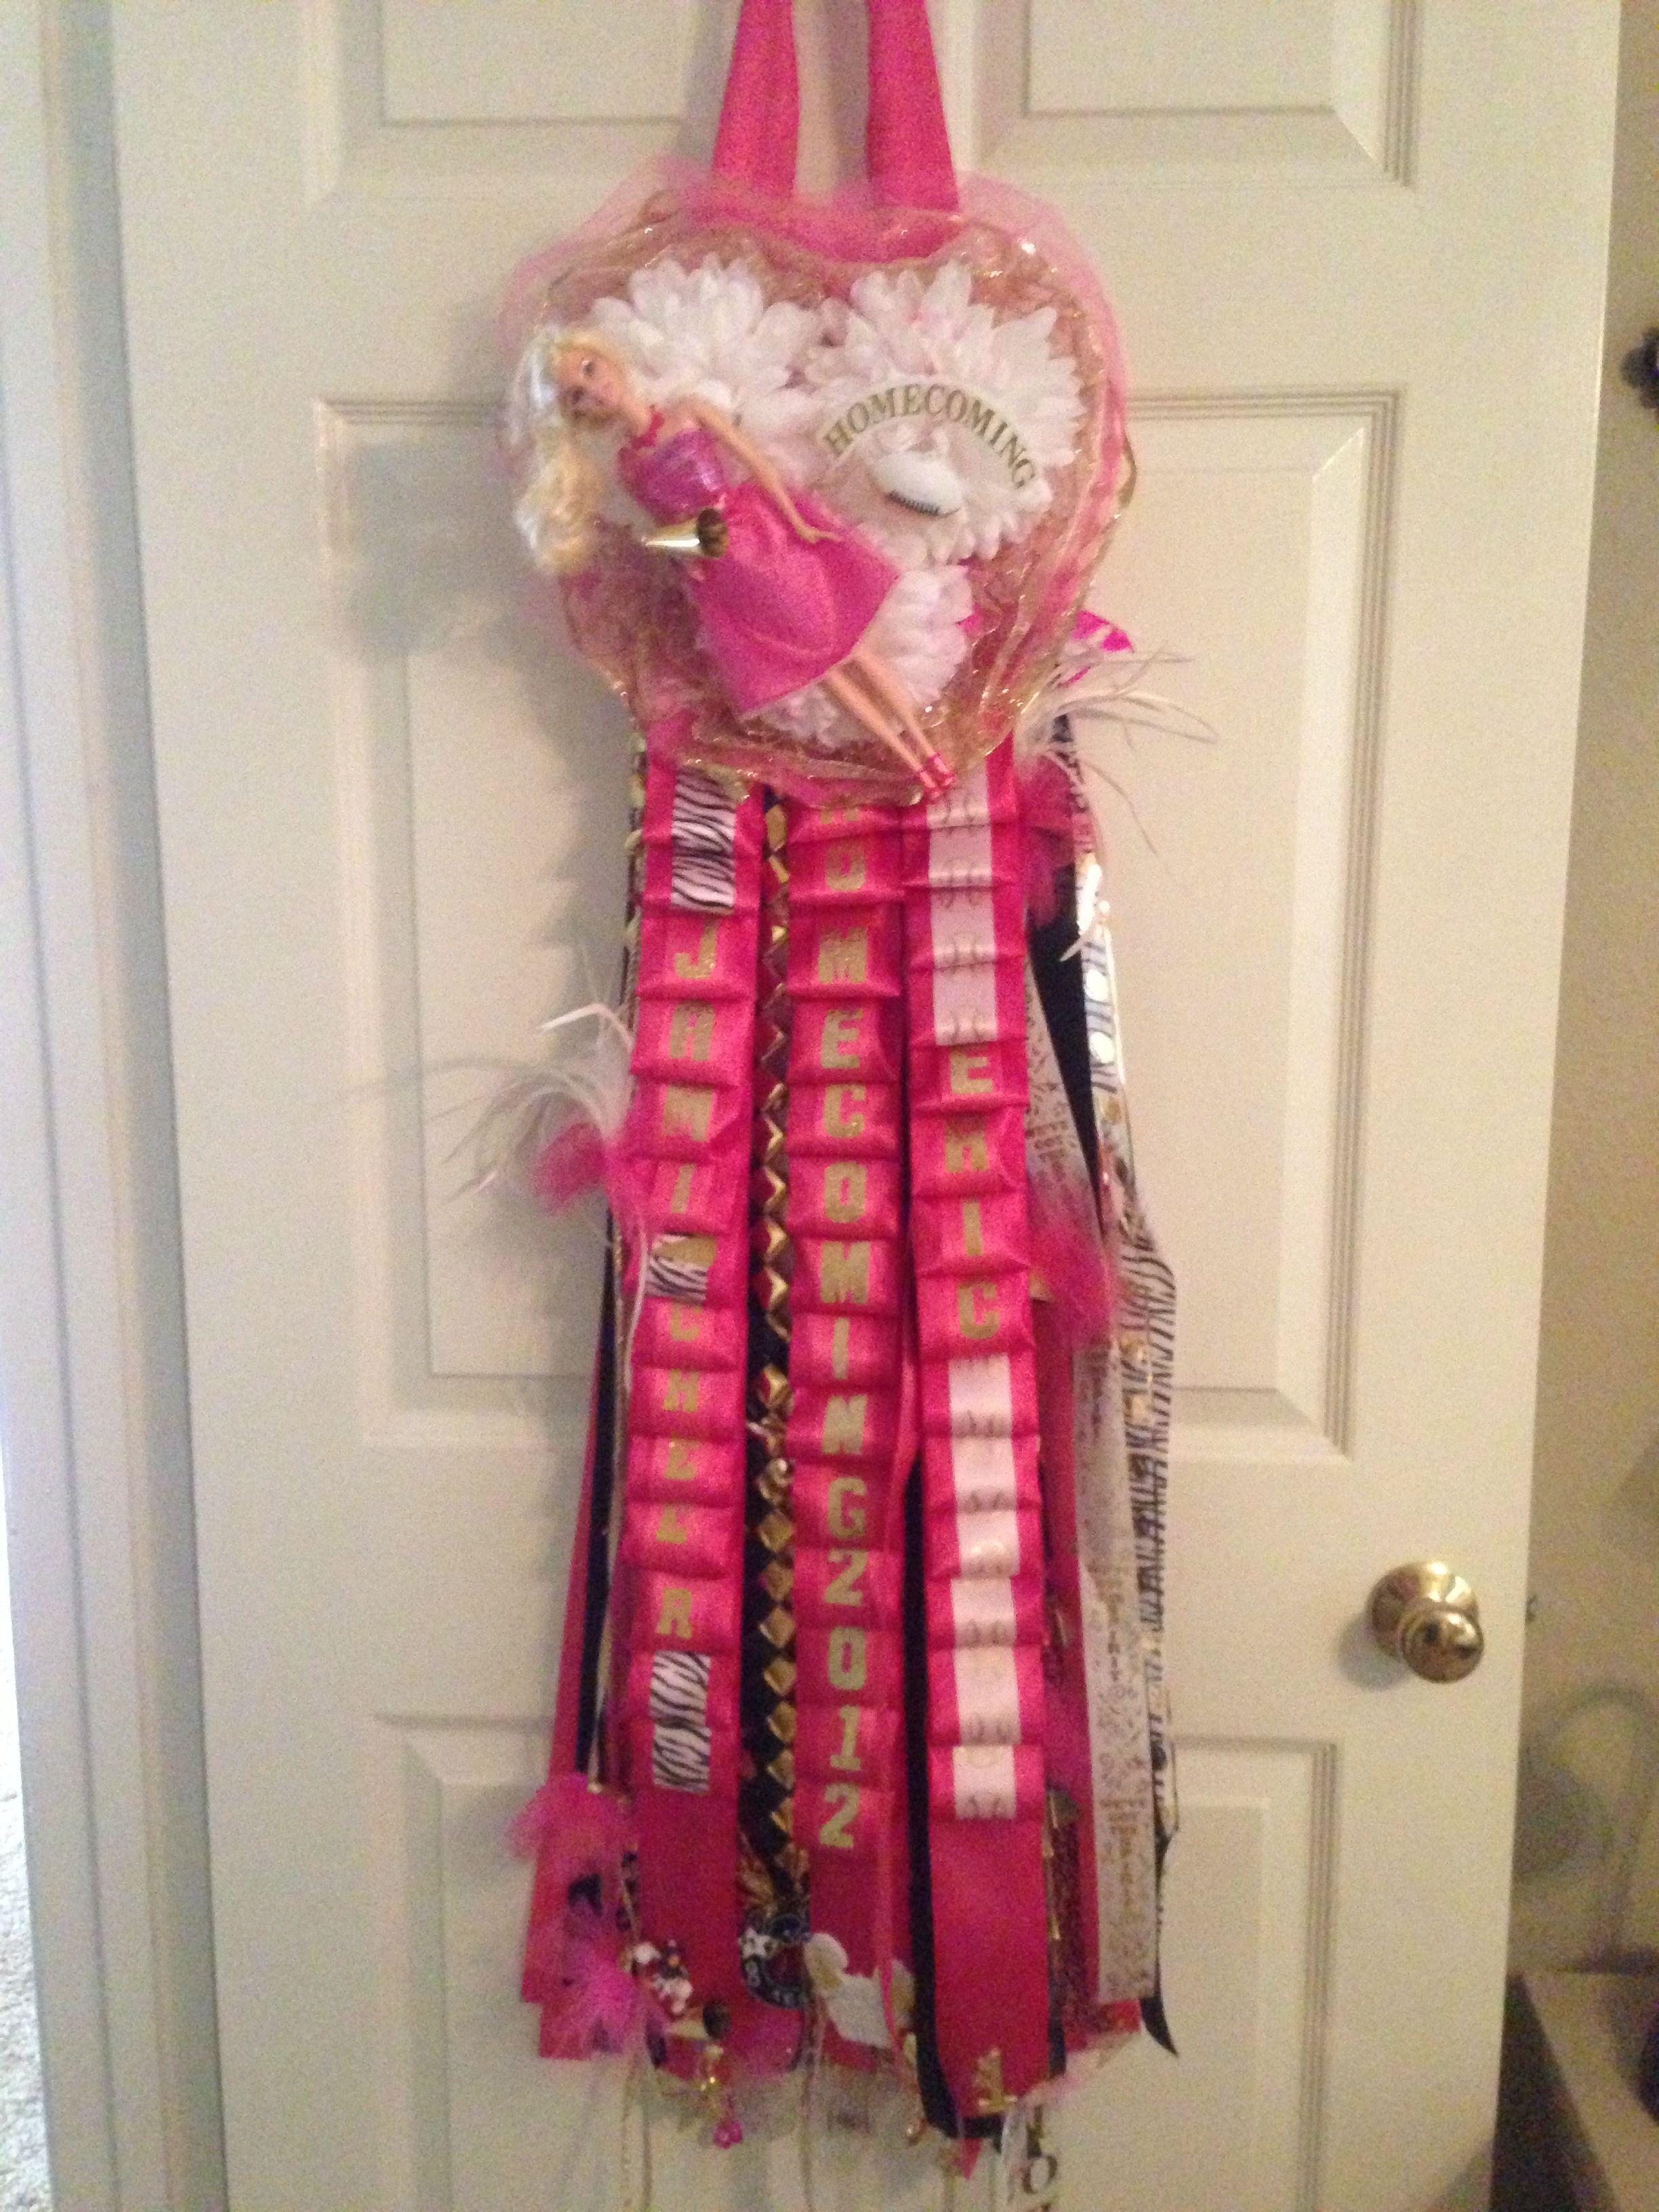 Barbie Football mum.   Cheer  Cheerleader Pink